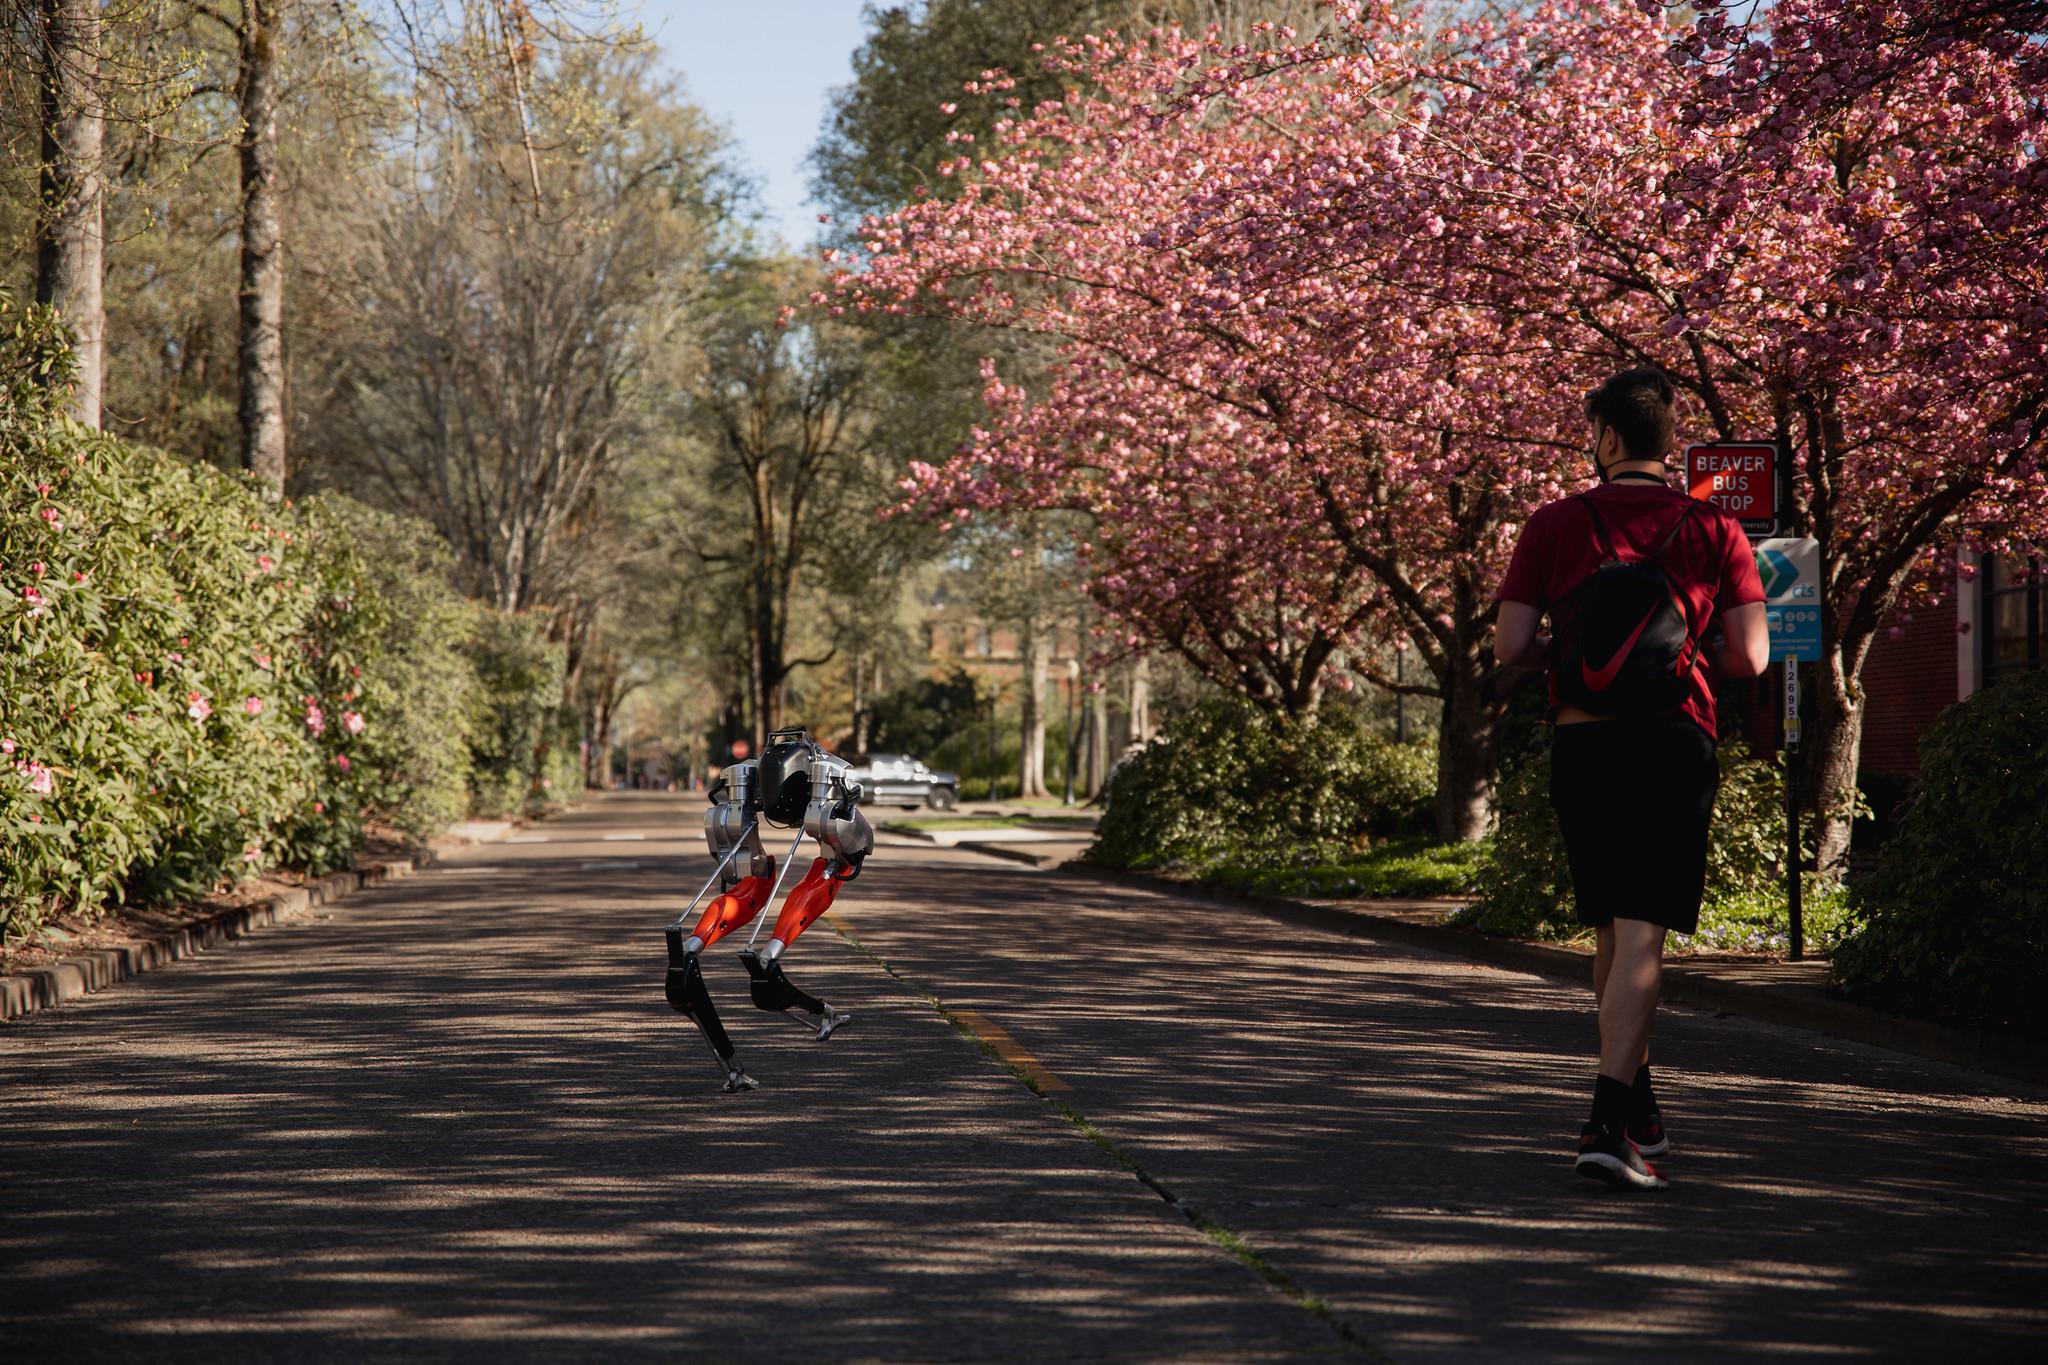 В США двуногий робот впервые пробежал пять километров. Его зовут Кэсси